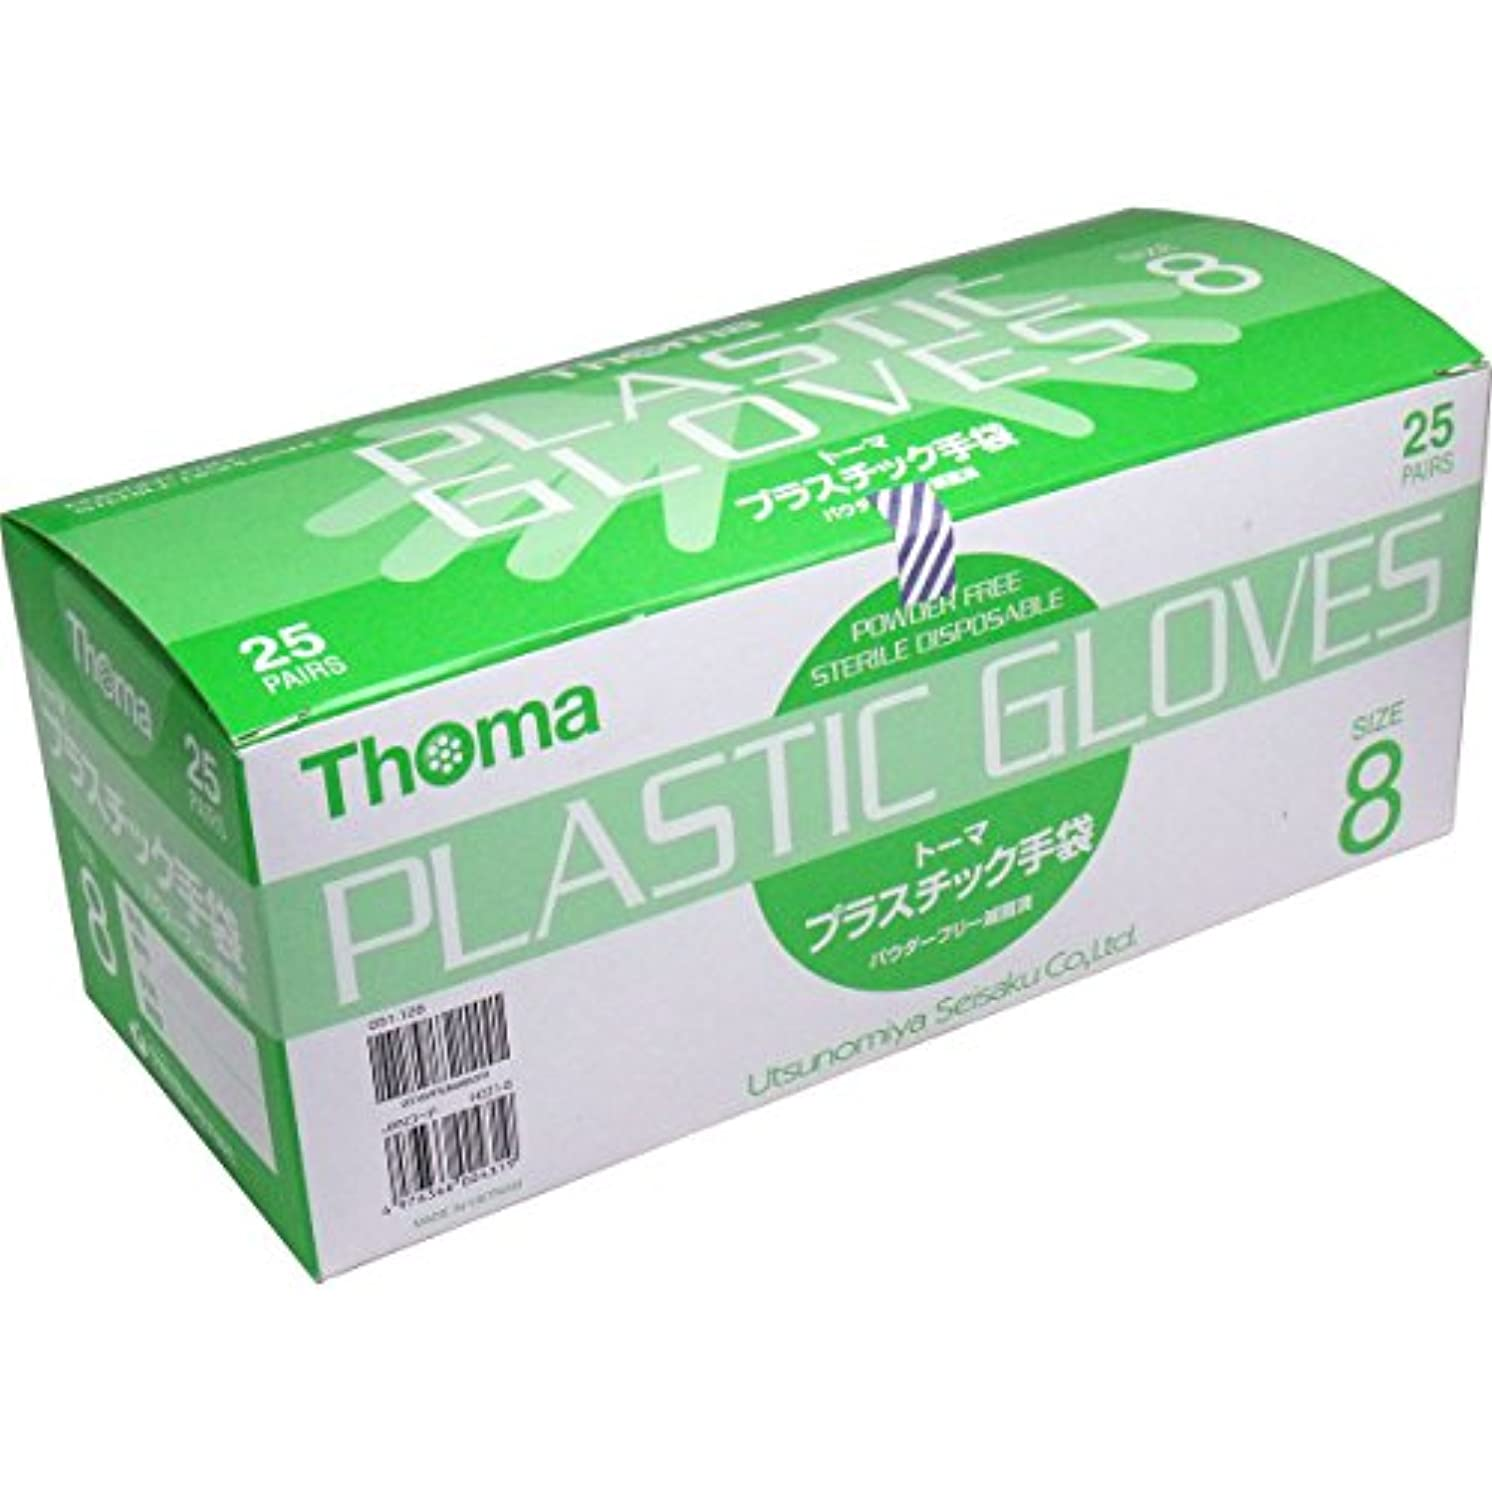 提供された調停するサイバースペースポリ塩化ビニル製 手袋 1双毎に滅菌包装、衛生的 人気商品 トーマ プラスチック手袋 パウダーフリー滅菌済 25双入 サイズ8【3個セット】